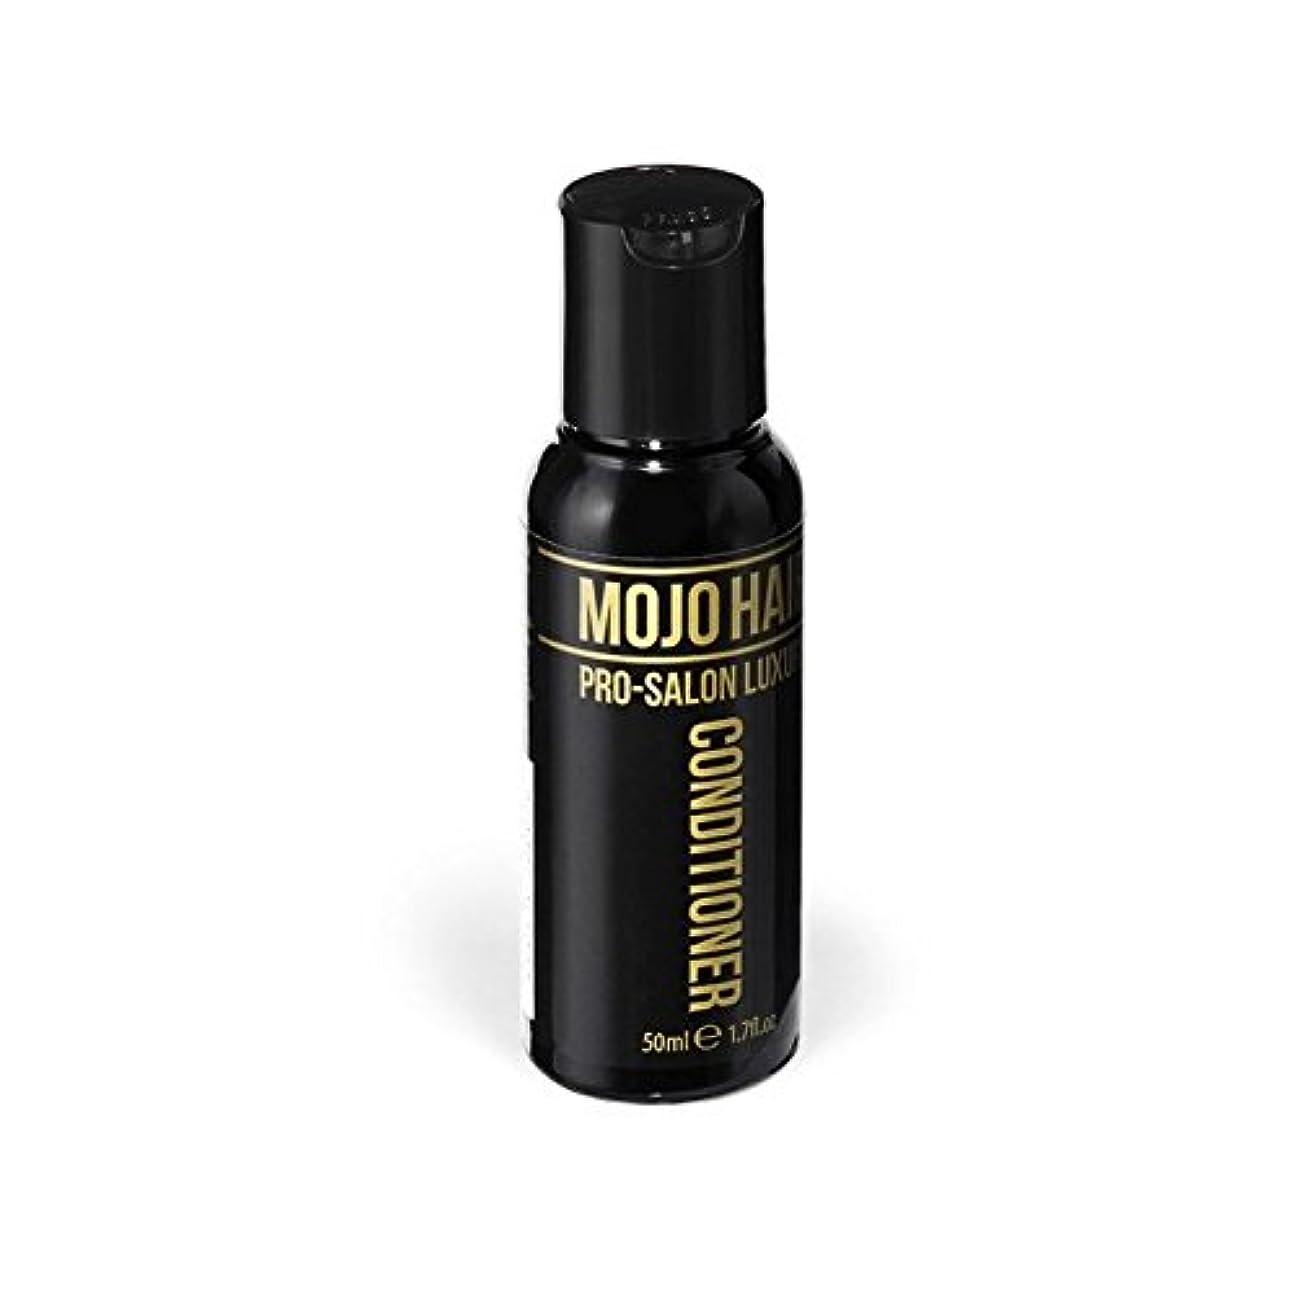 刺す世界砲兵Mojo Hair Pro-Salon Luxury Conditioner (50ml) - モジョの毛プロのサロンの贅沢なコンディショナー(50ミリリットル) [並行輸入品]